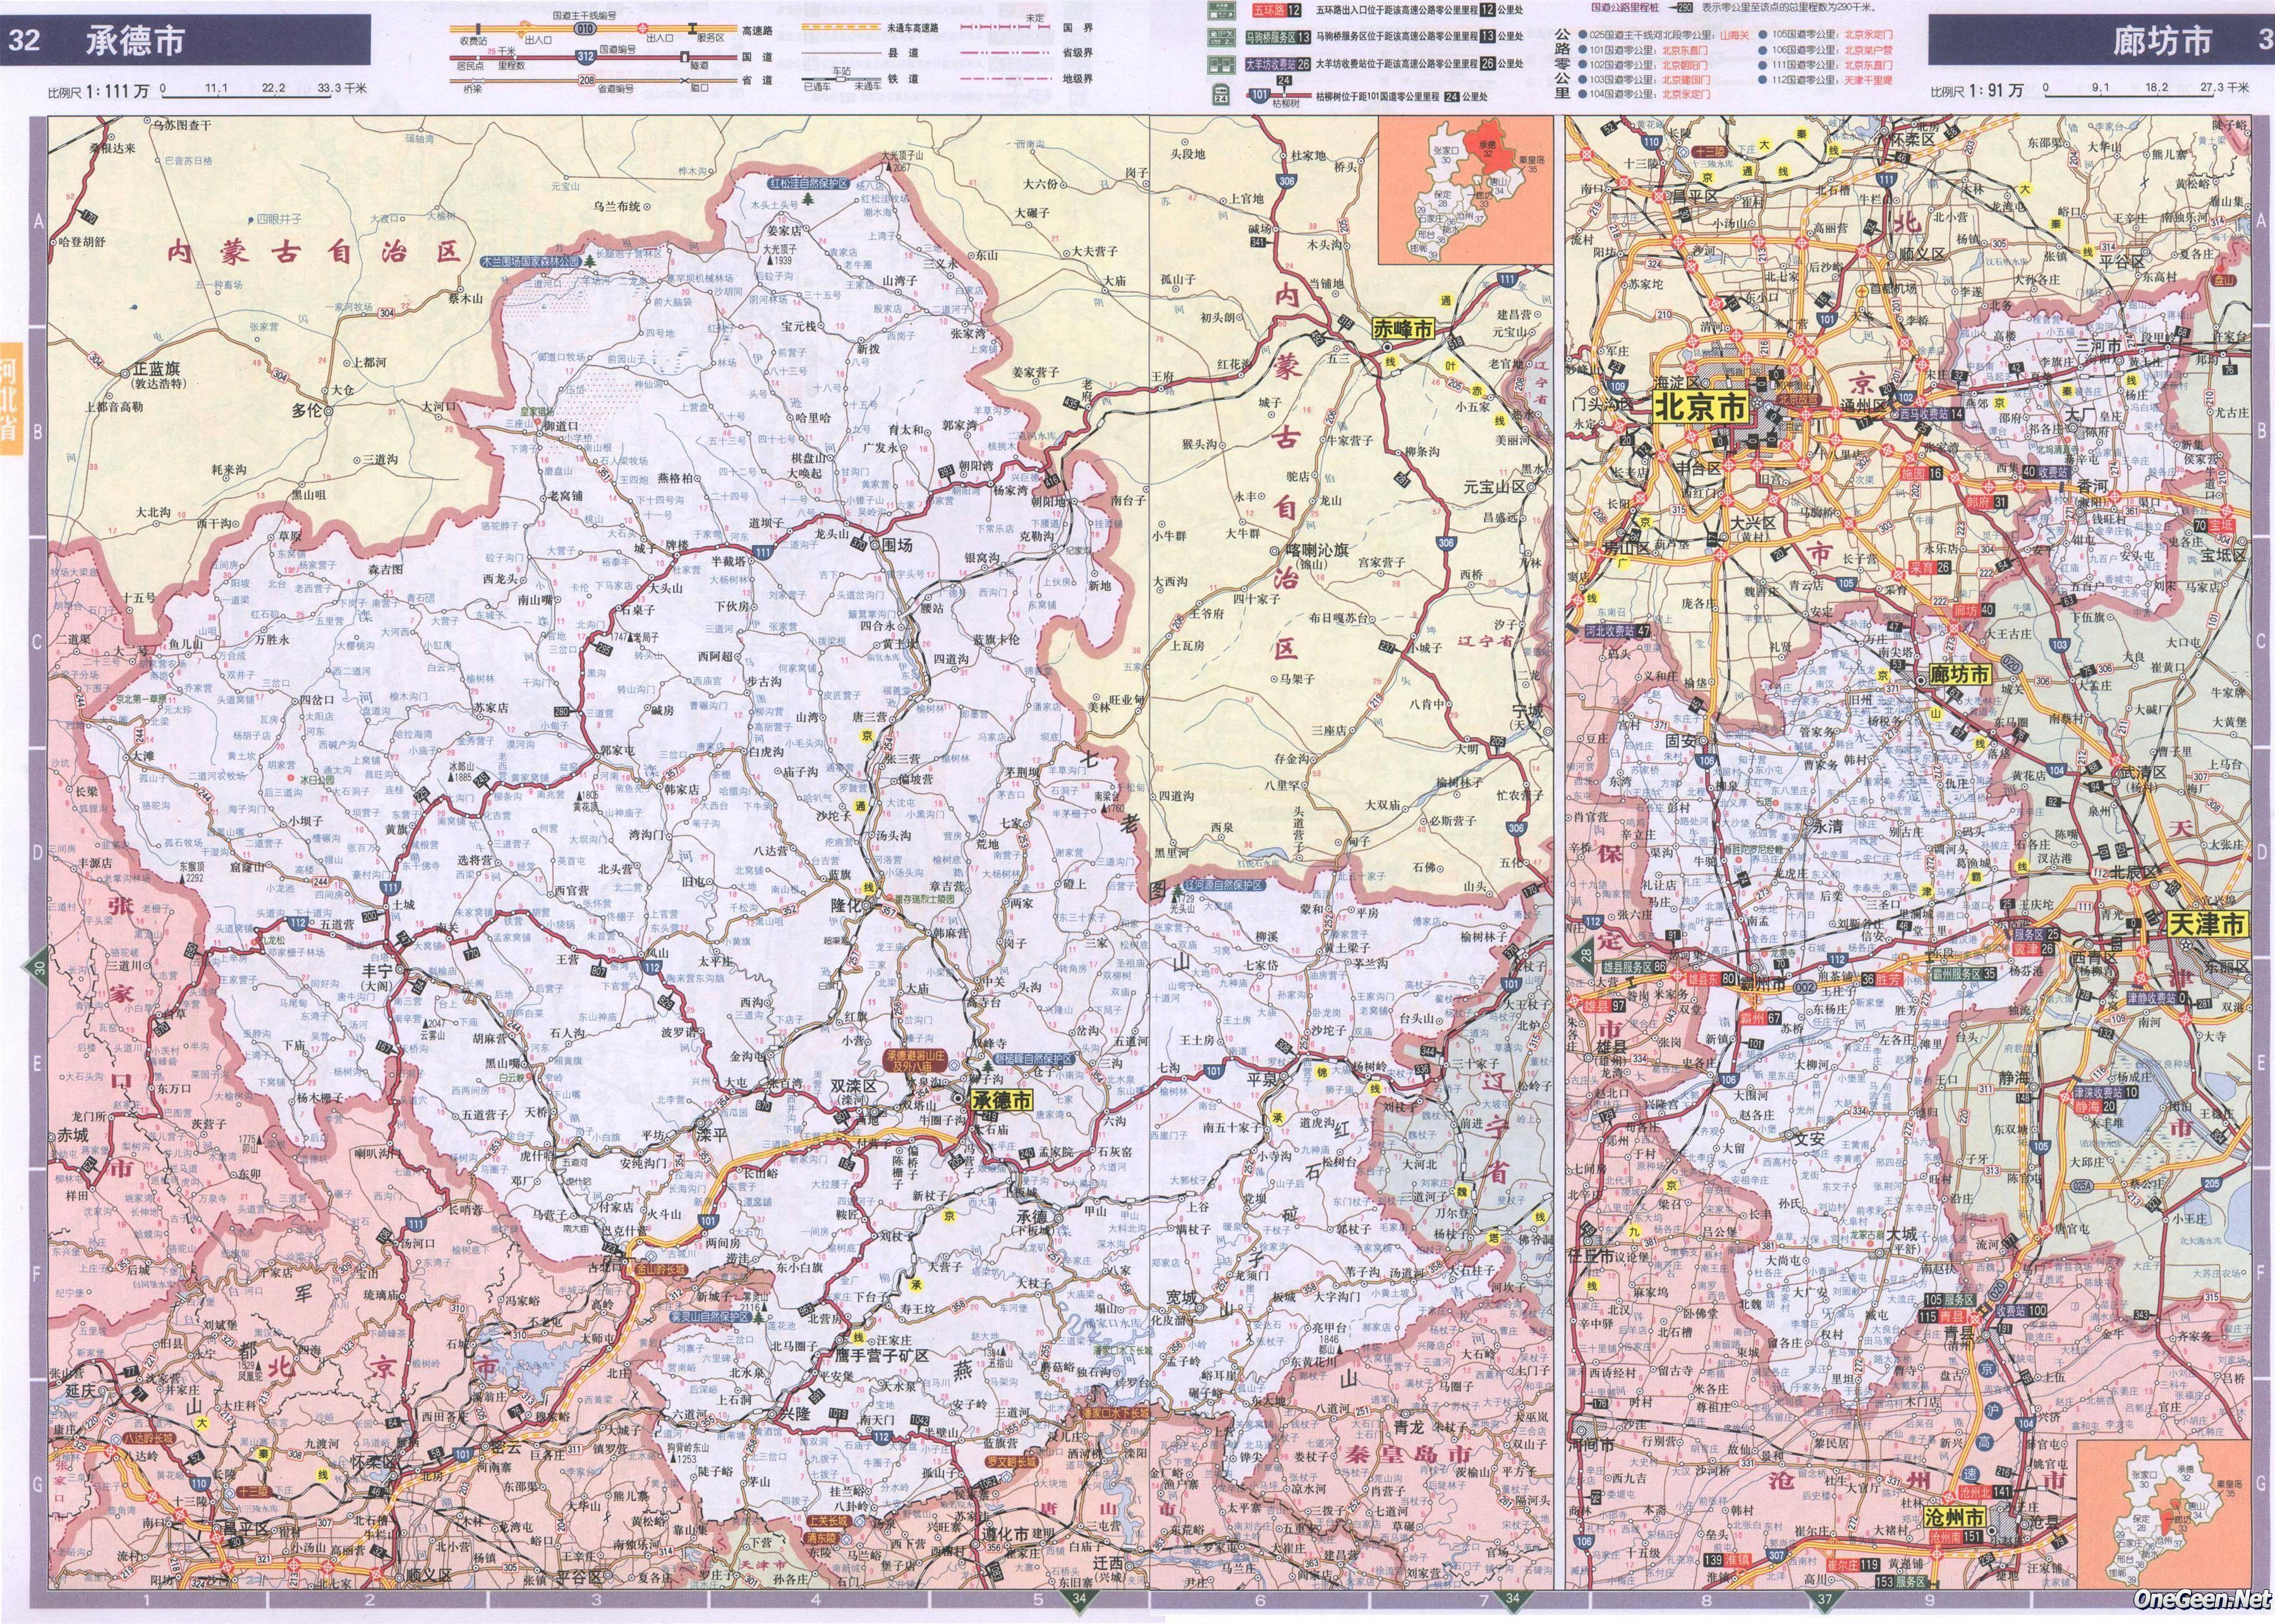 河北省承德市廊坊市公路交通地图